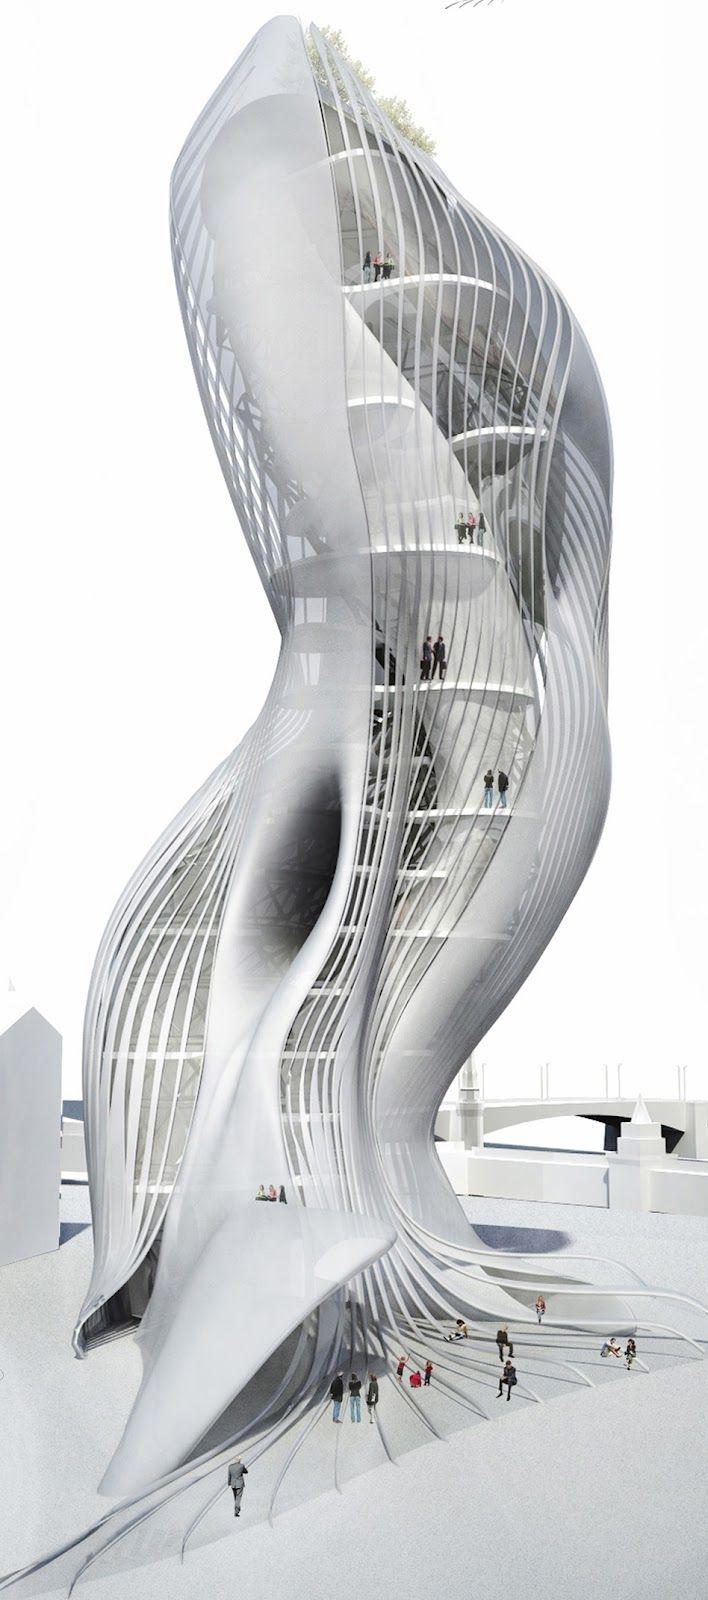 Il Moscow Fashion Palace, progettato da AmniosyA + Lash-up, ha vinto Menzione d'Onore nel recente concorso Arquitectum. Prendendo ispirazione e spunti dalla moda, danza (rs), l'arte, e la cultura e la storia russa, la sua forma provocatoria sarebbe un ambiente sontuoso imponente per la mostra dei migliori nomi del mondo della moda.